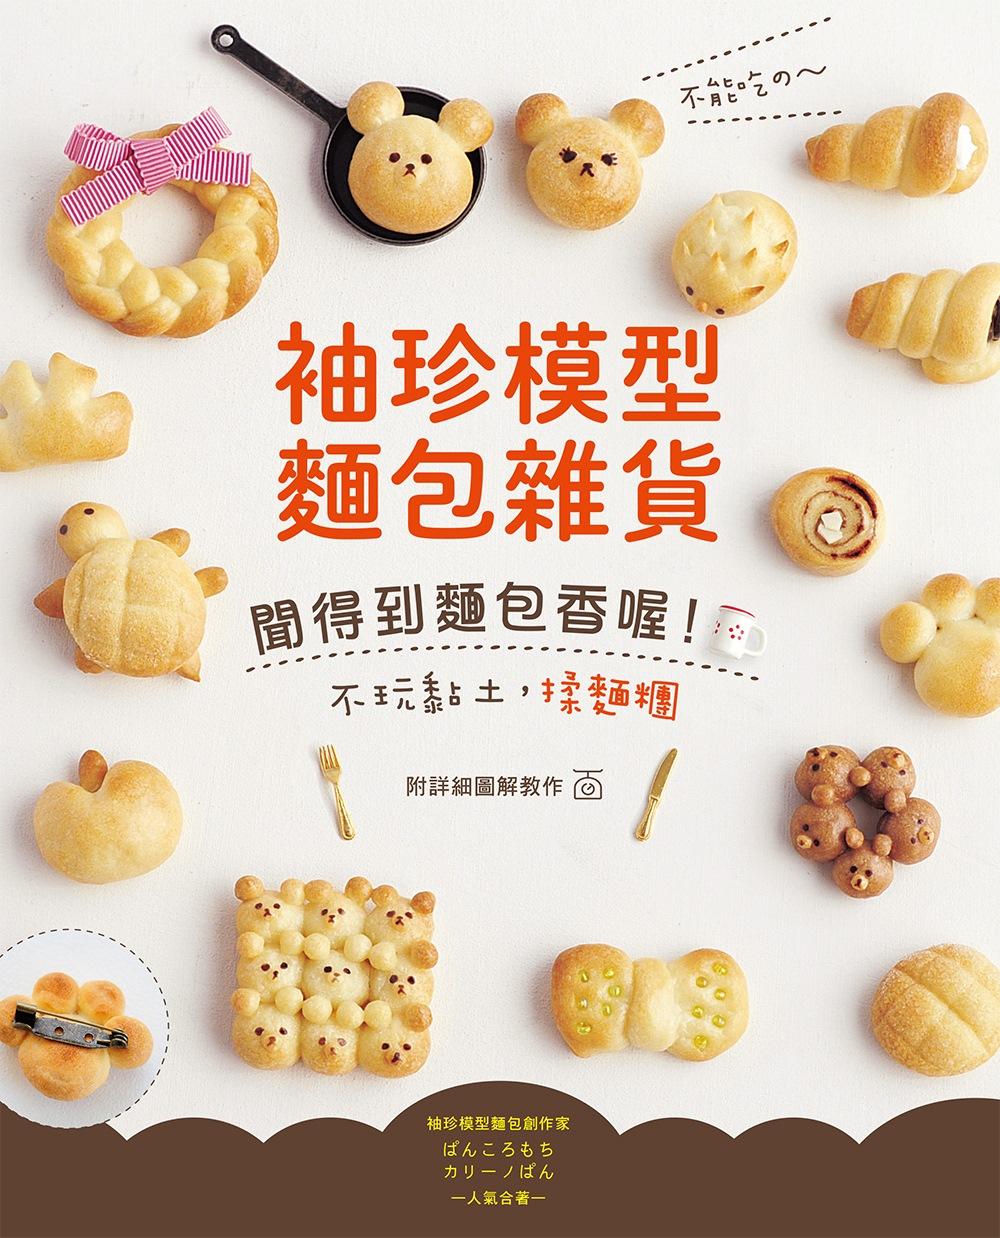 不能吃的 ~ 袖珍模型麵包雜貨:聞得到麵包香喔!不玩黏土,揉麵糰!